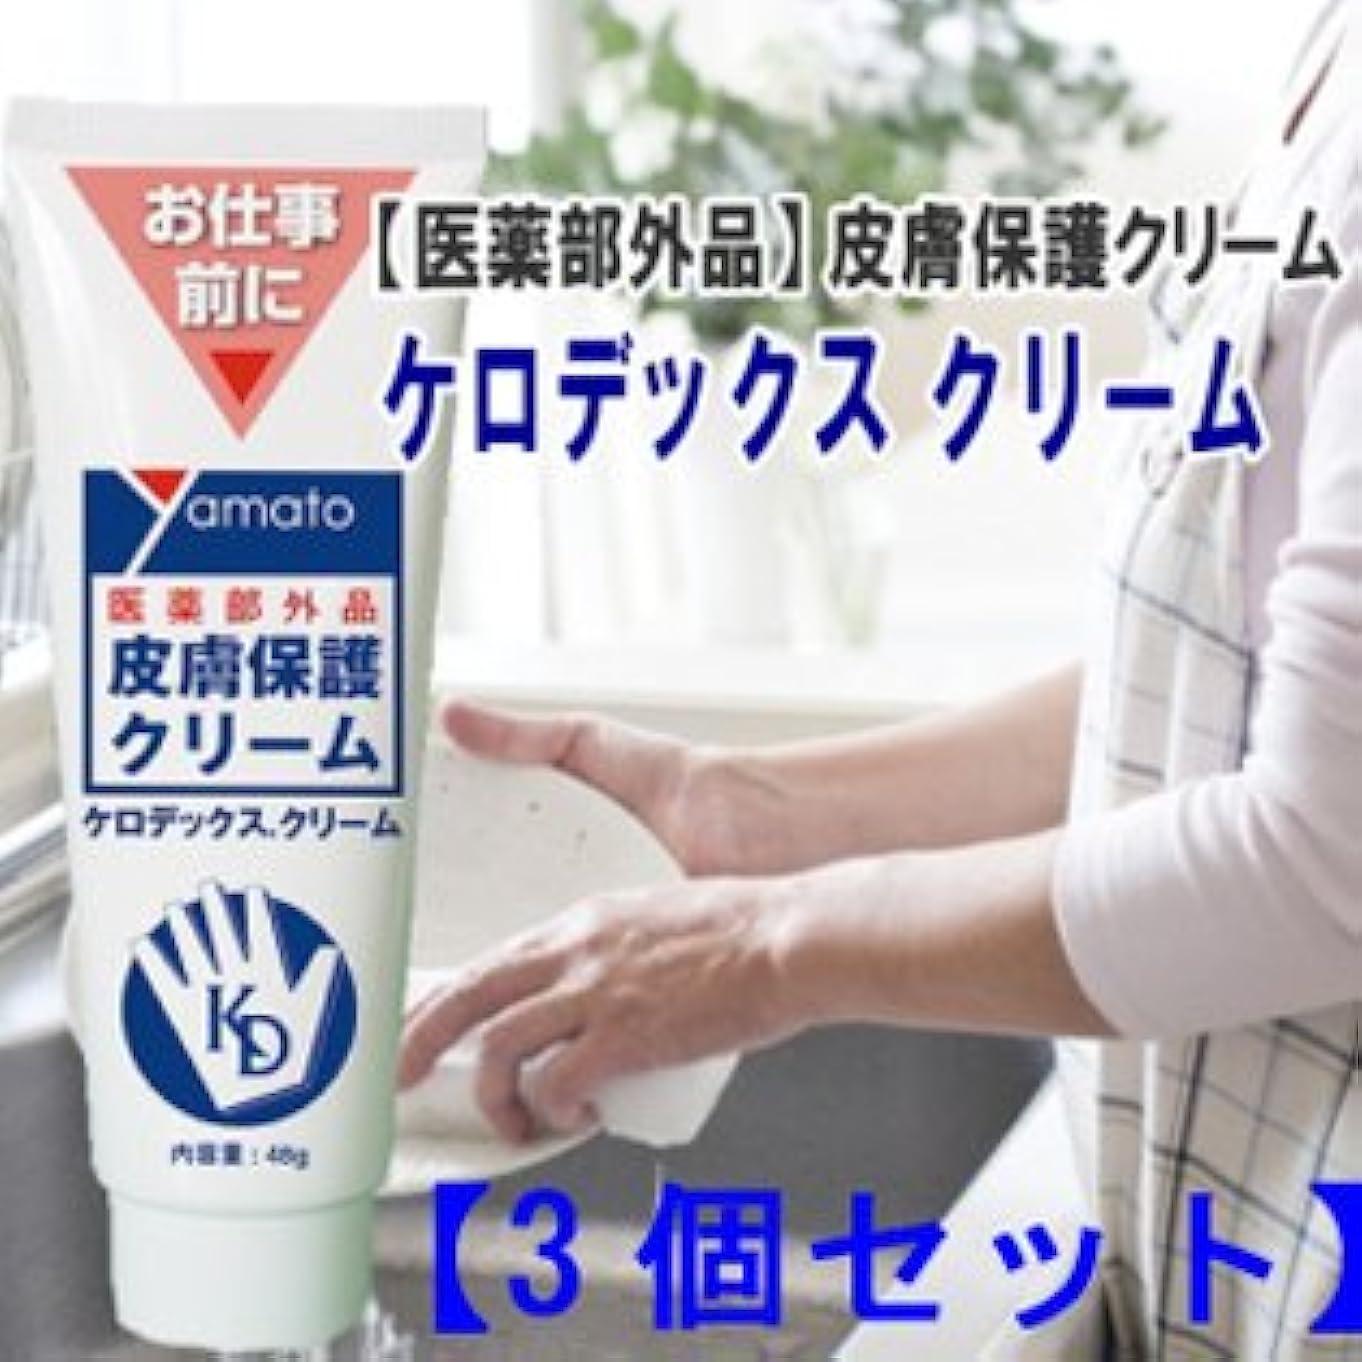 事務所悪因子約医薬部外品 皮膚保護クリーム ケロデックスクリーム48g 3個セット